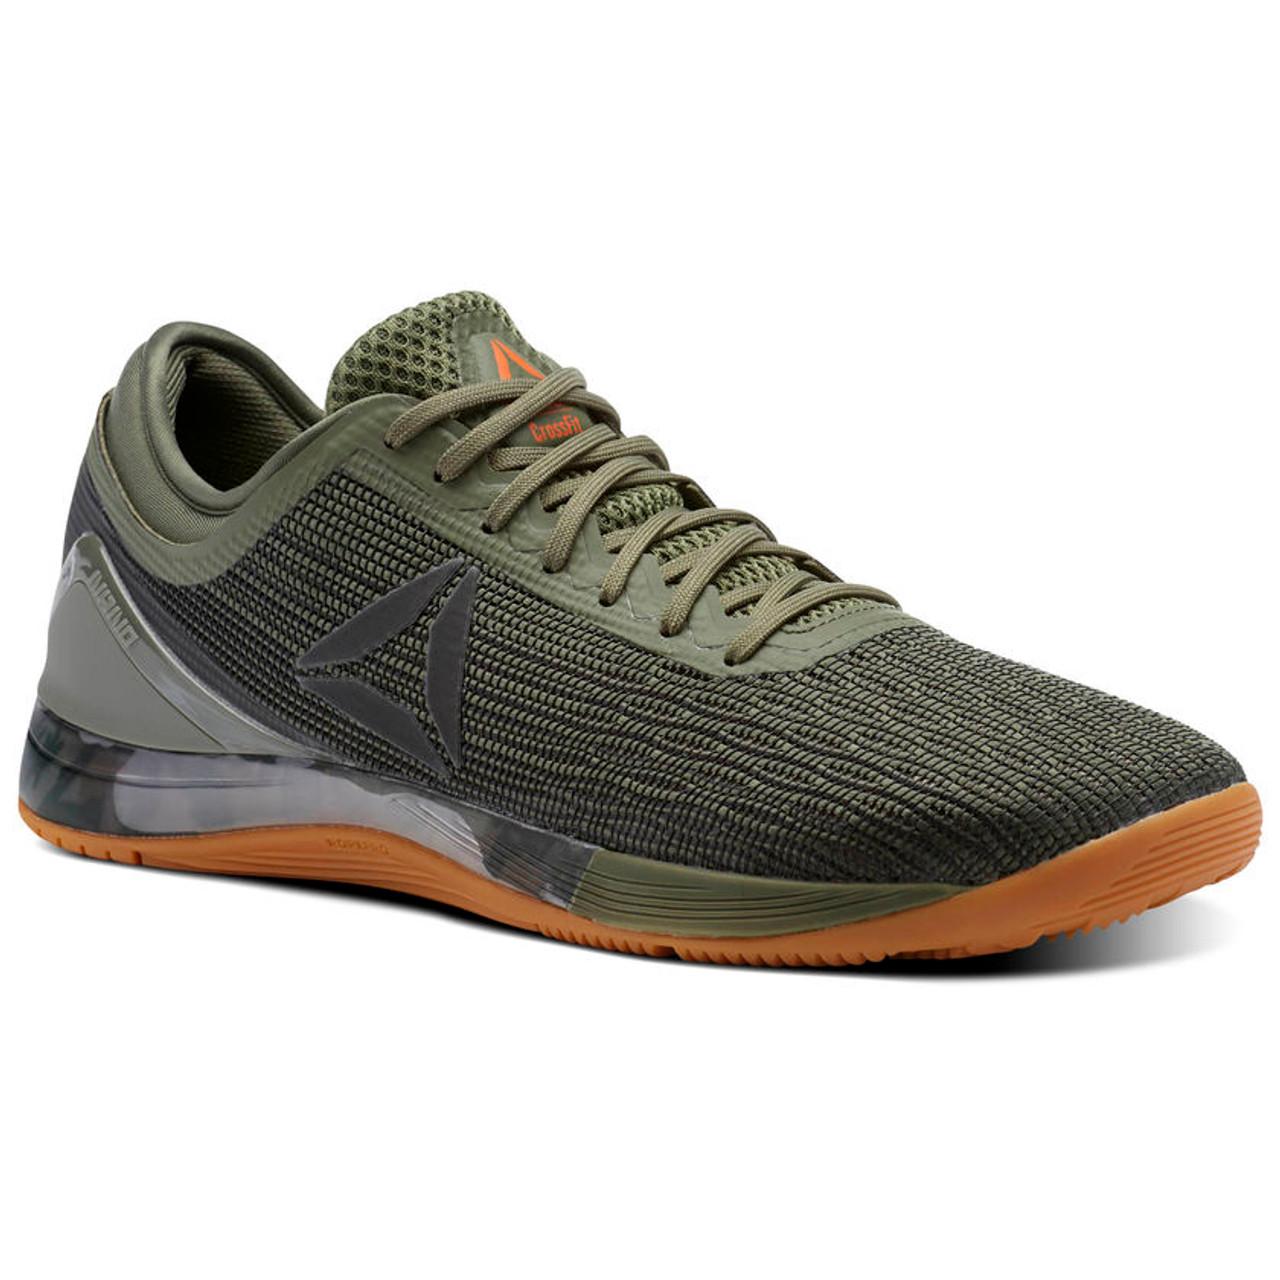 cheap reebok crossfit shoes